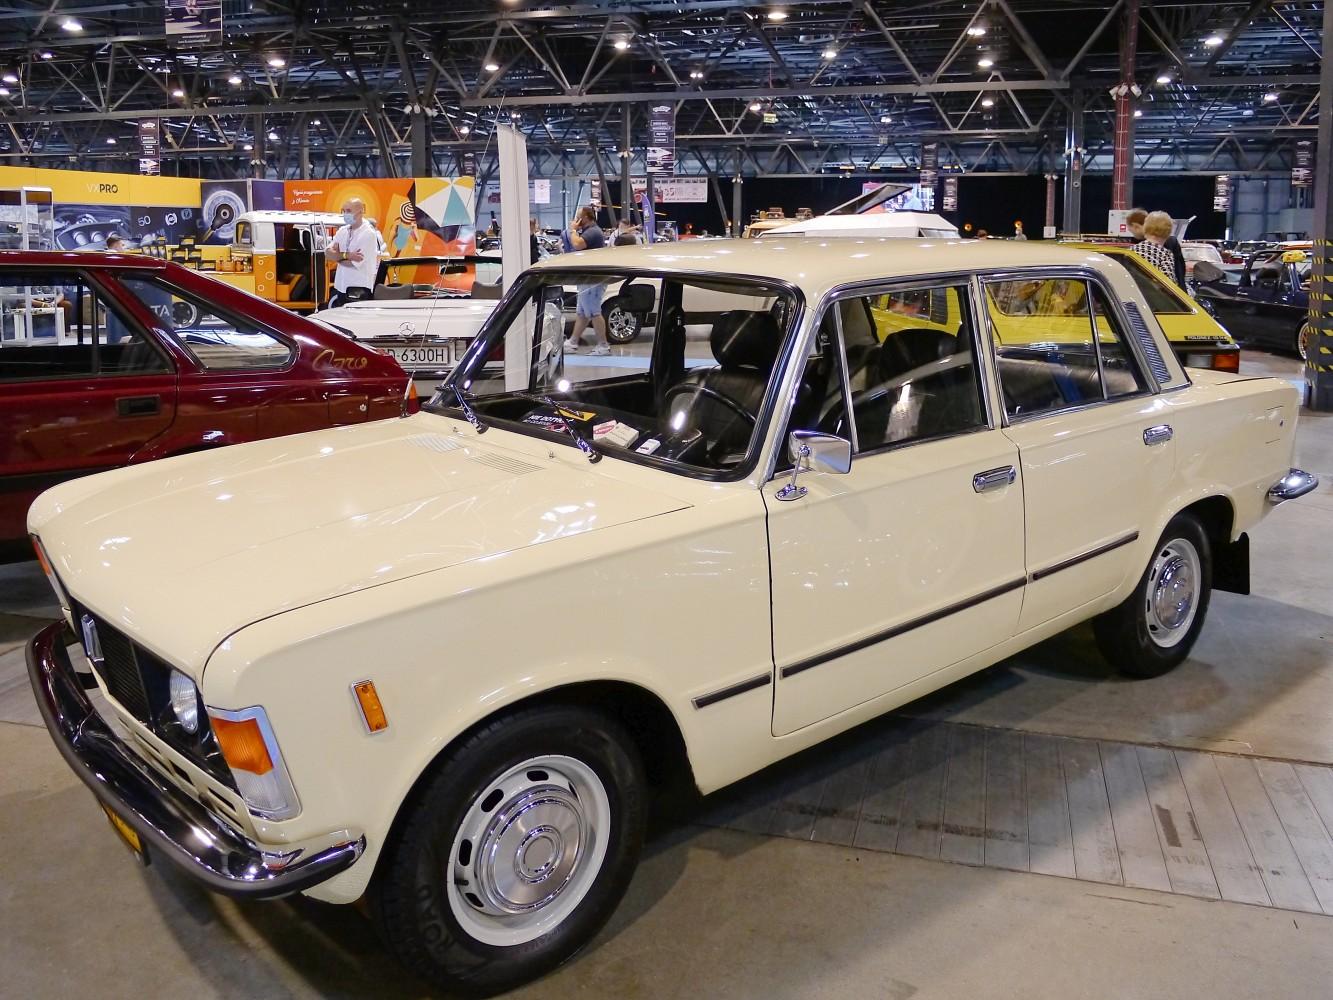 Kliknij obrazek, aby uzyskać większą wersję  Nazwa:FIAT 125p (1).jpg Wyświetleń:42 Rozmiar:362,2 KB ID:232501